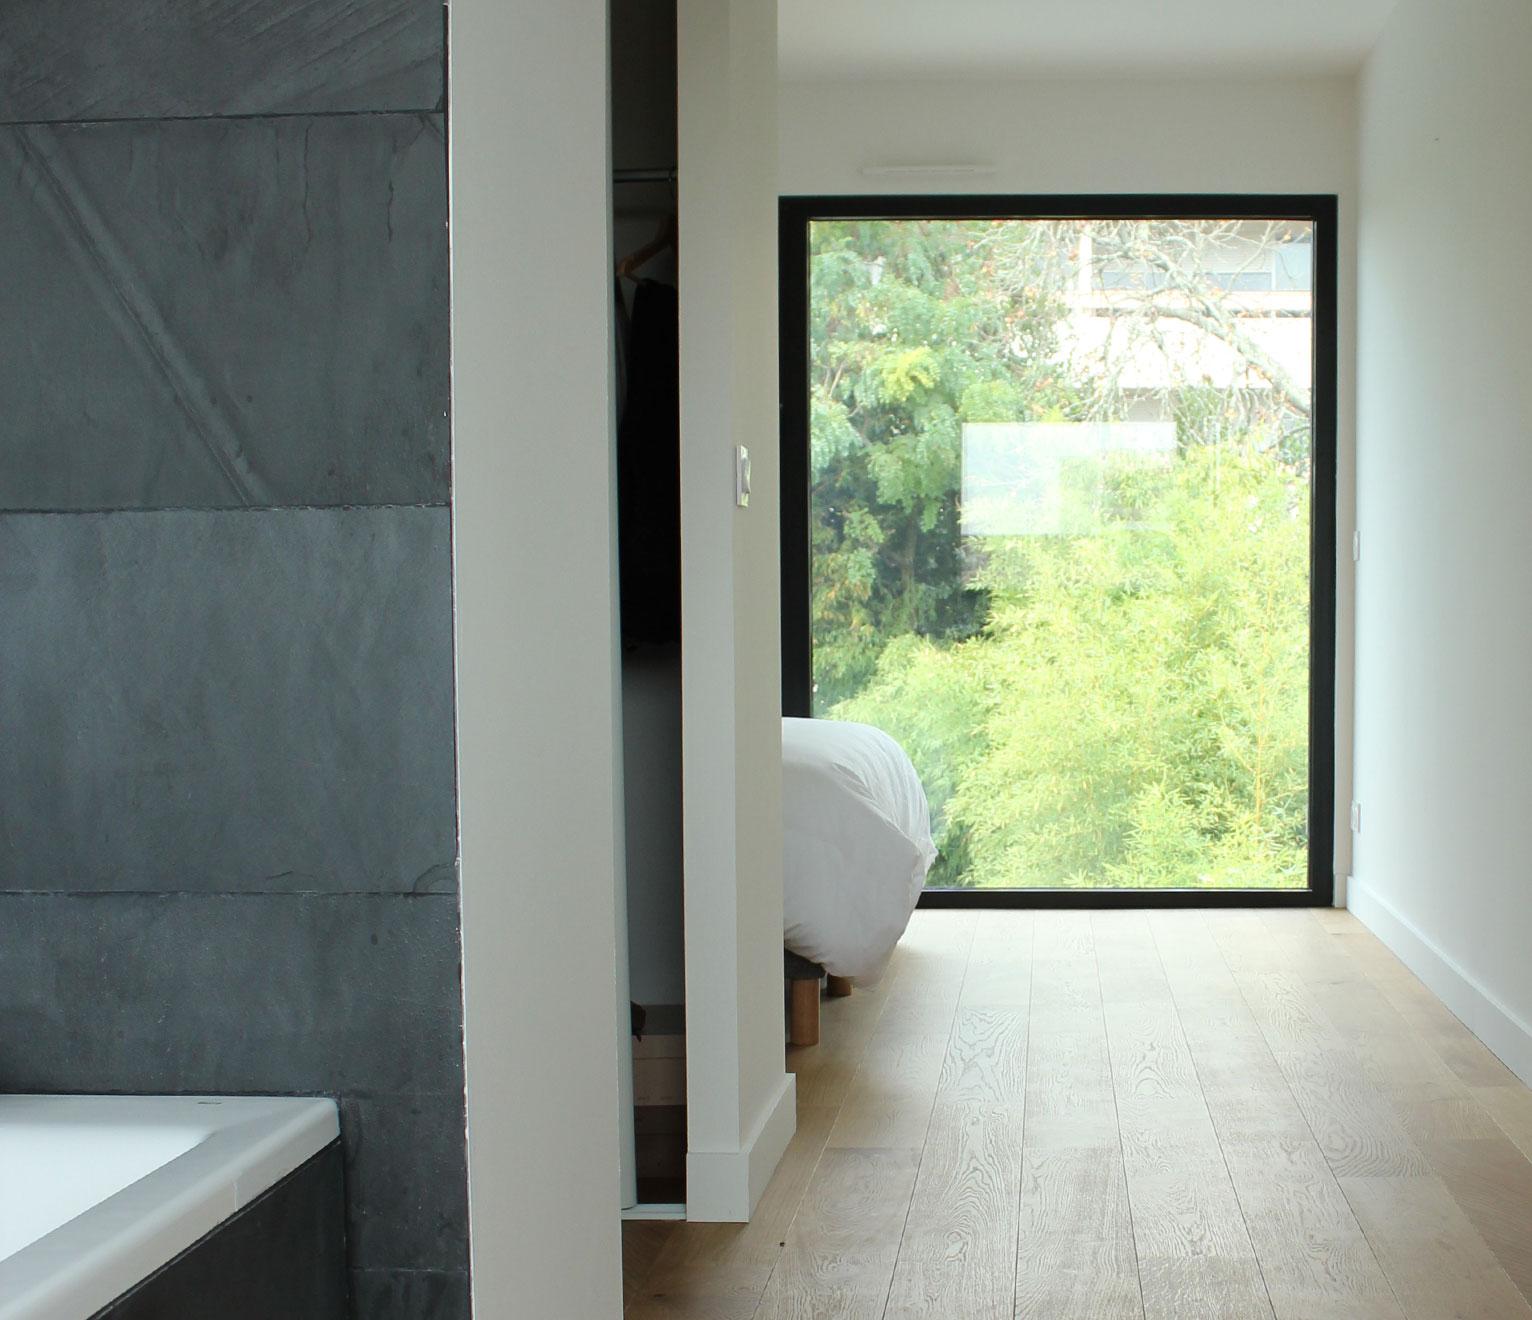 Salle De Bain 2017 une salle de bains avec vue dans les maisons igc - quel